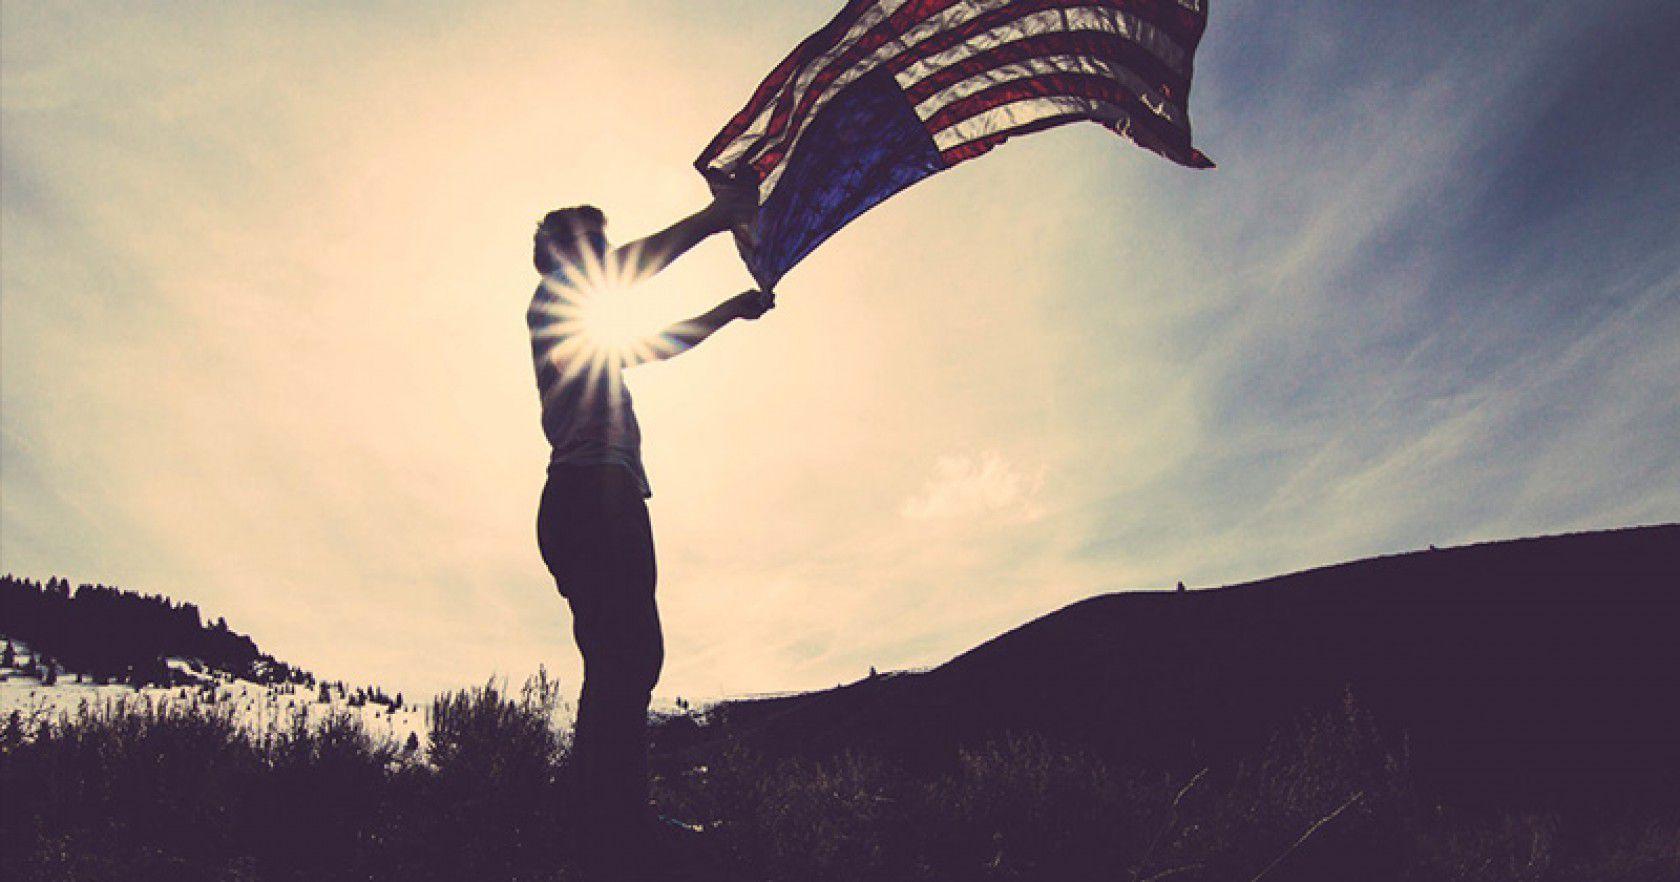 Amerika'da Lise Değişim Programına Katılan Ünlüler Kimlerdir?